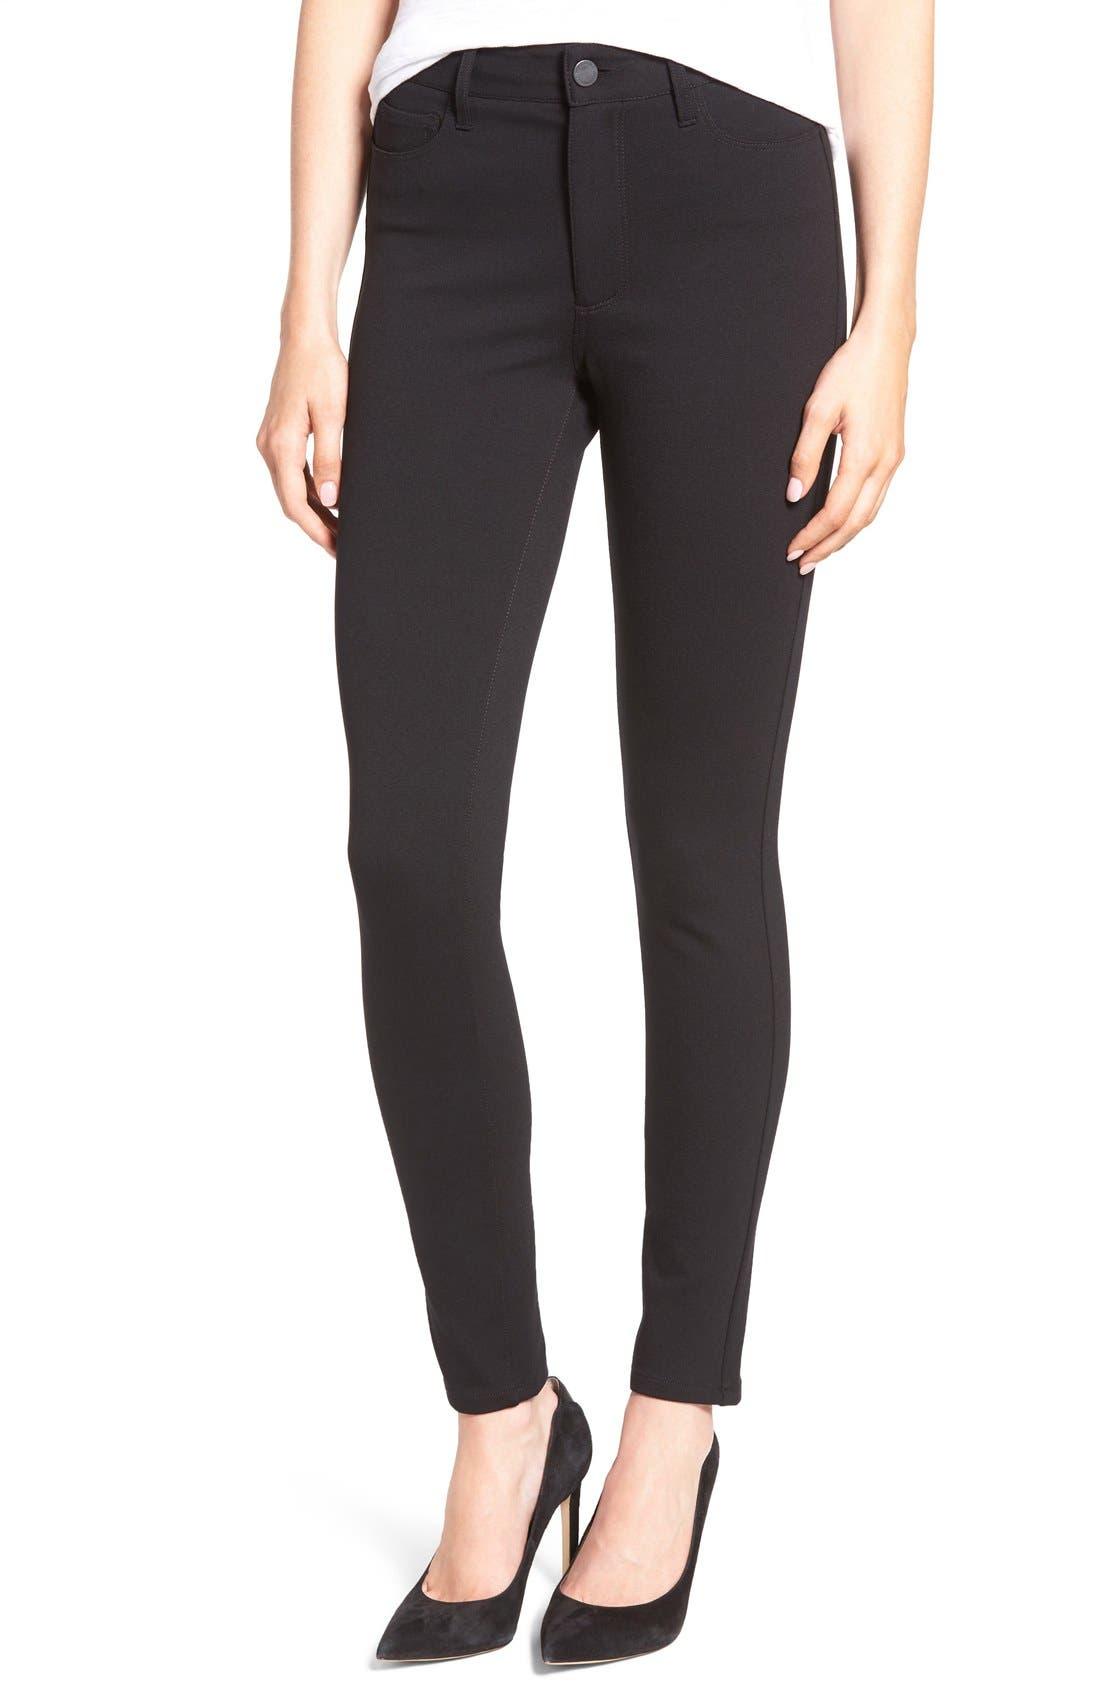 Hoxton Ankle Ponte Pants,                         Main,                         color, Black